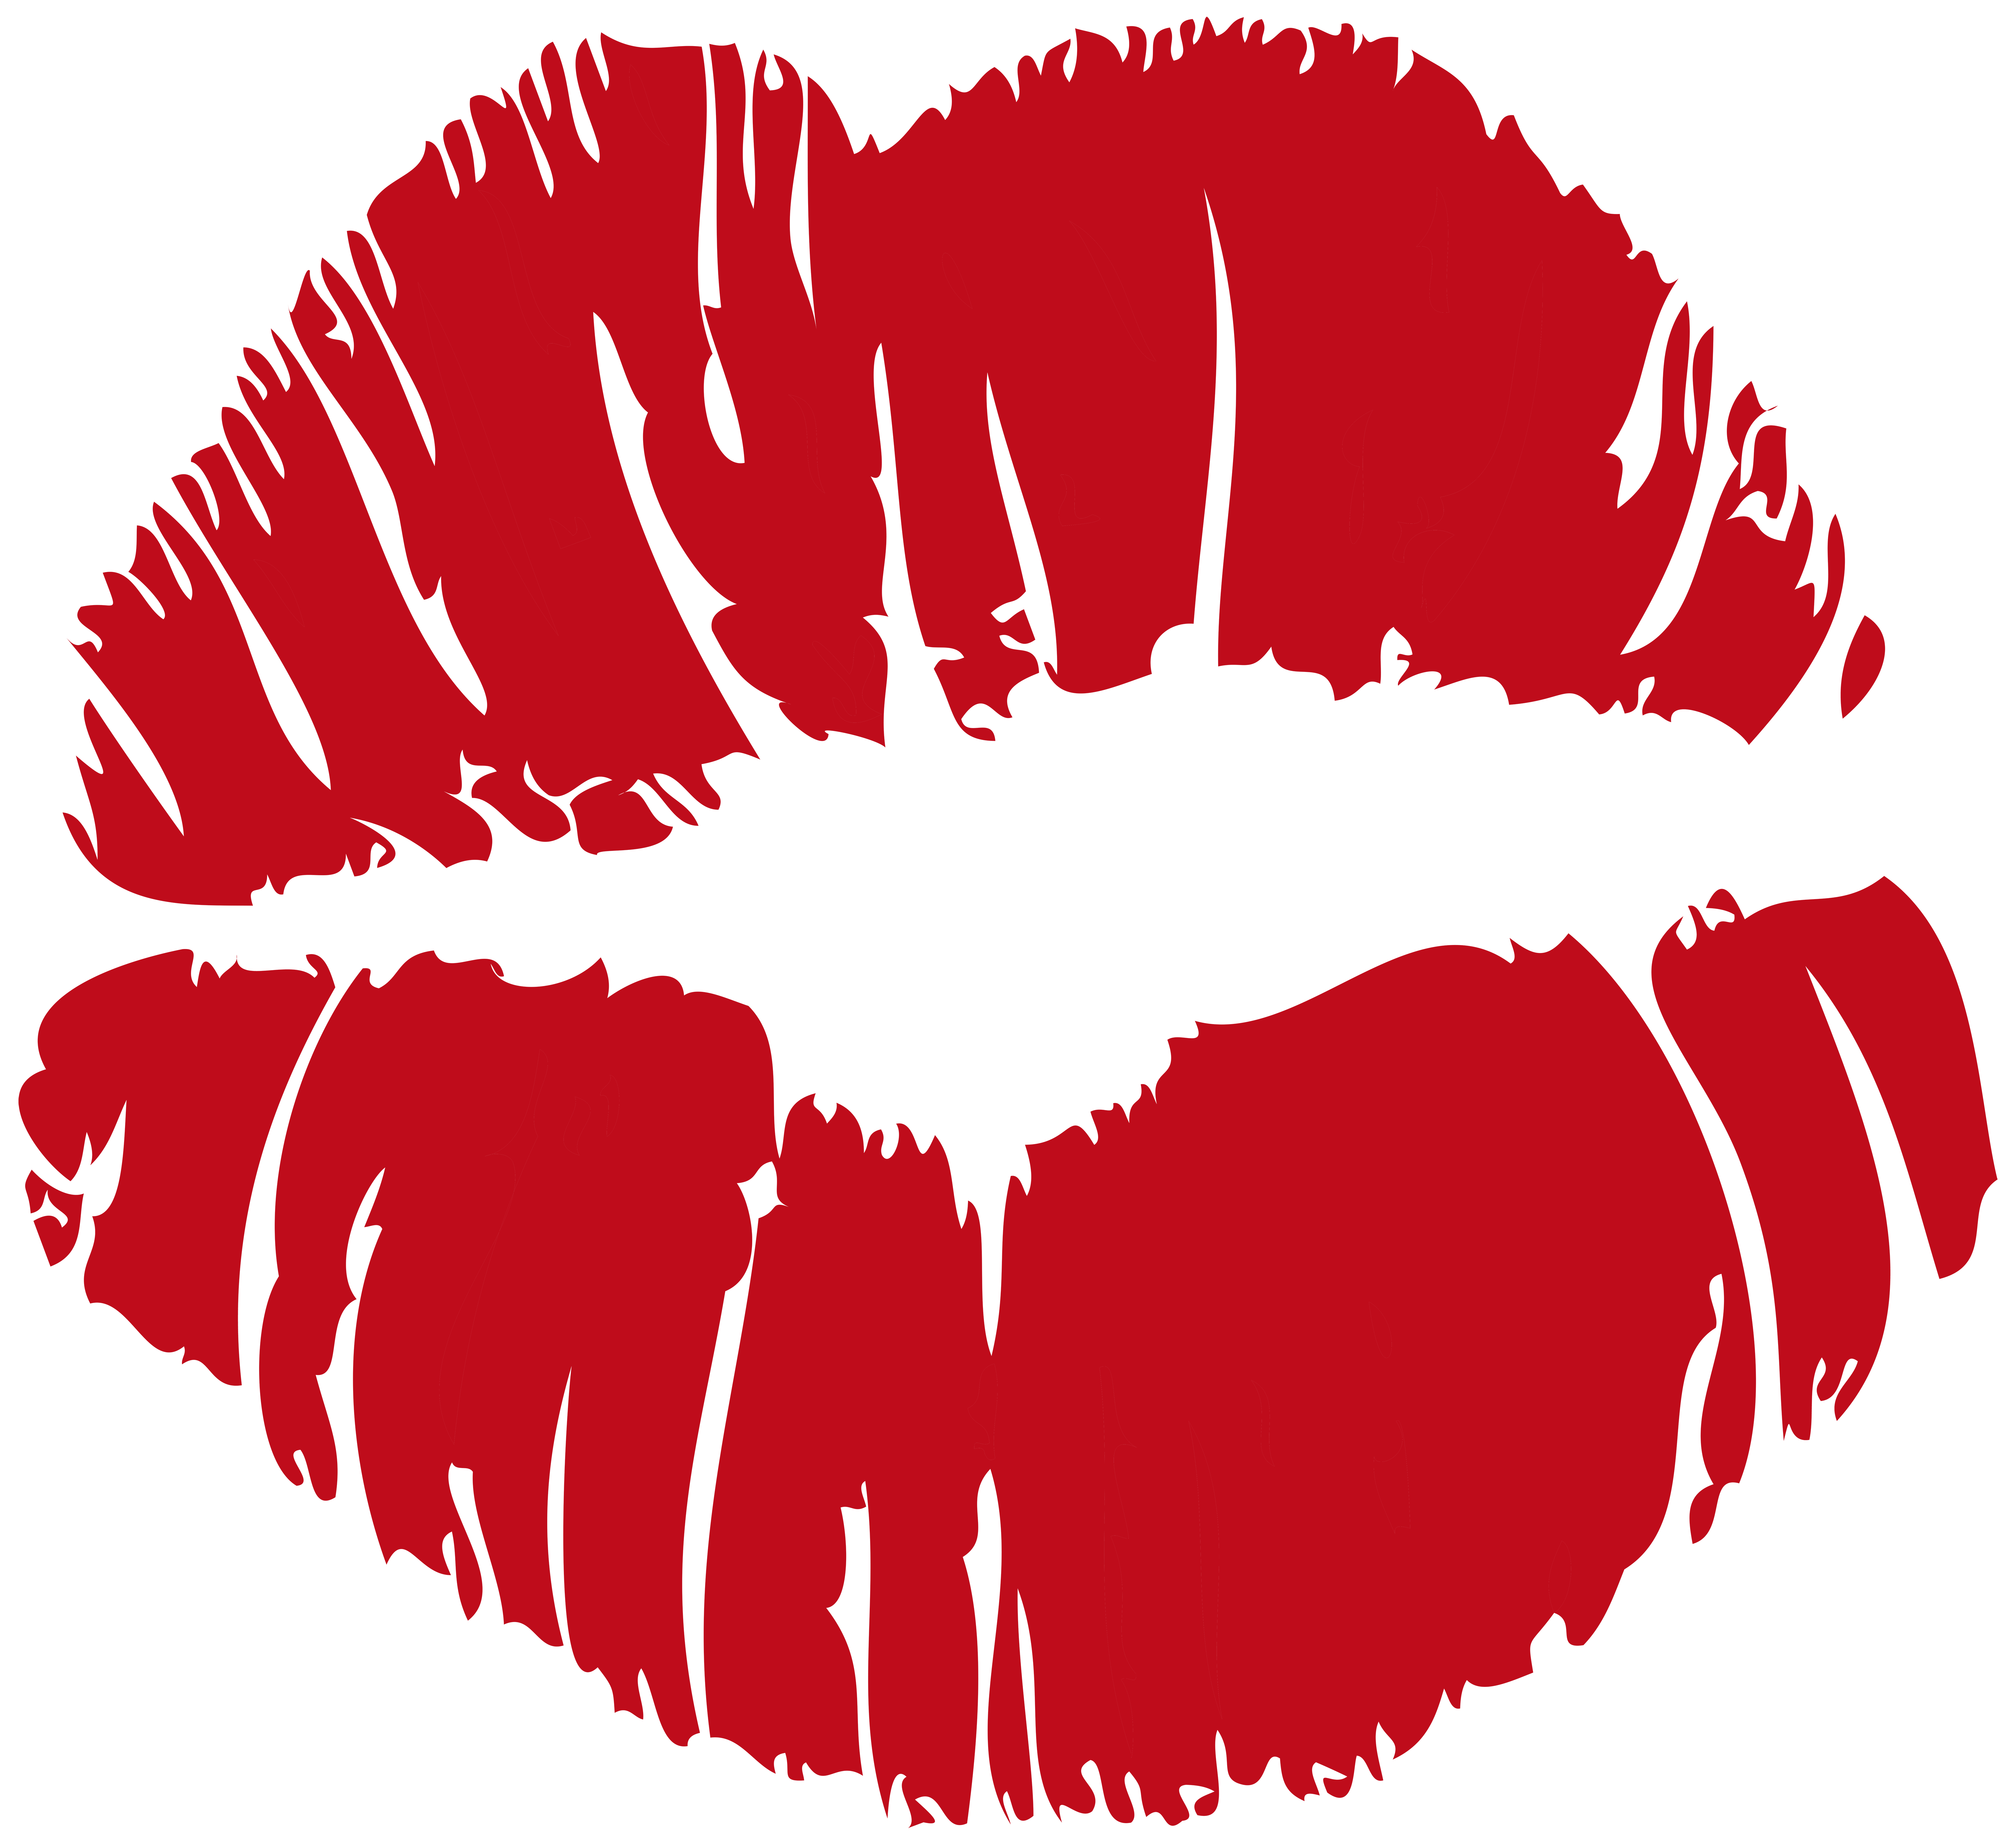 3557 Kiss free clipart.